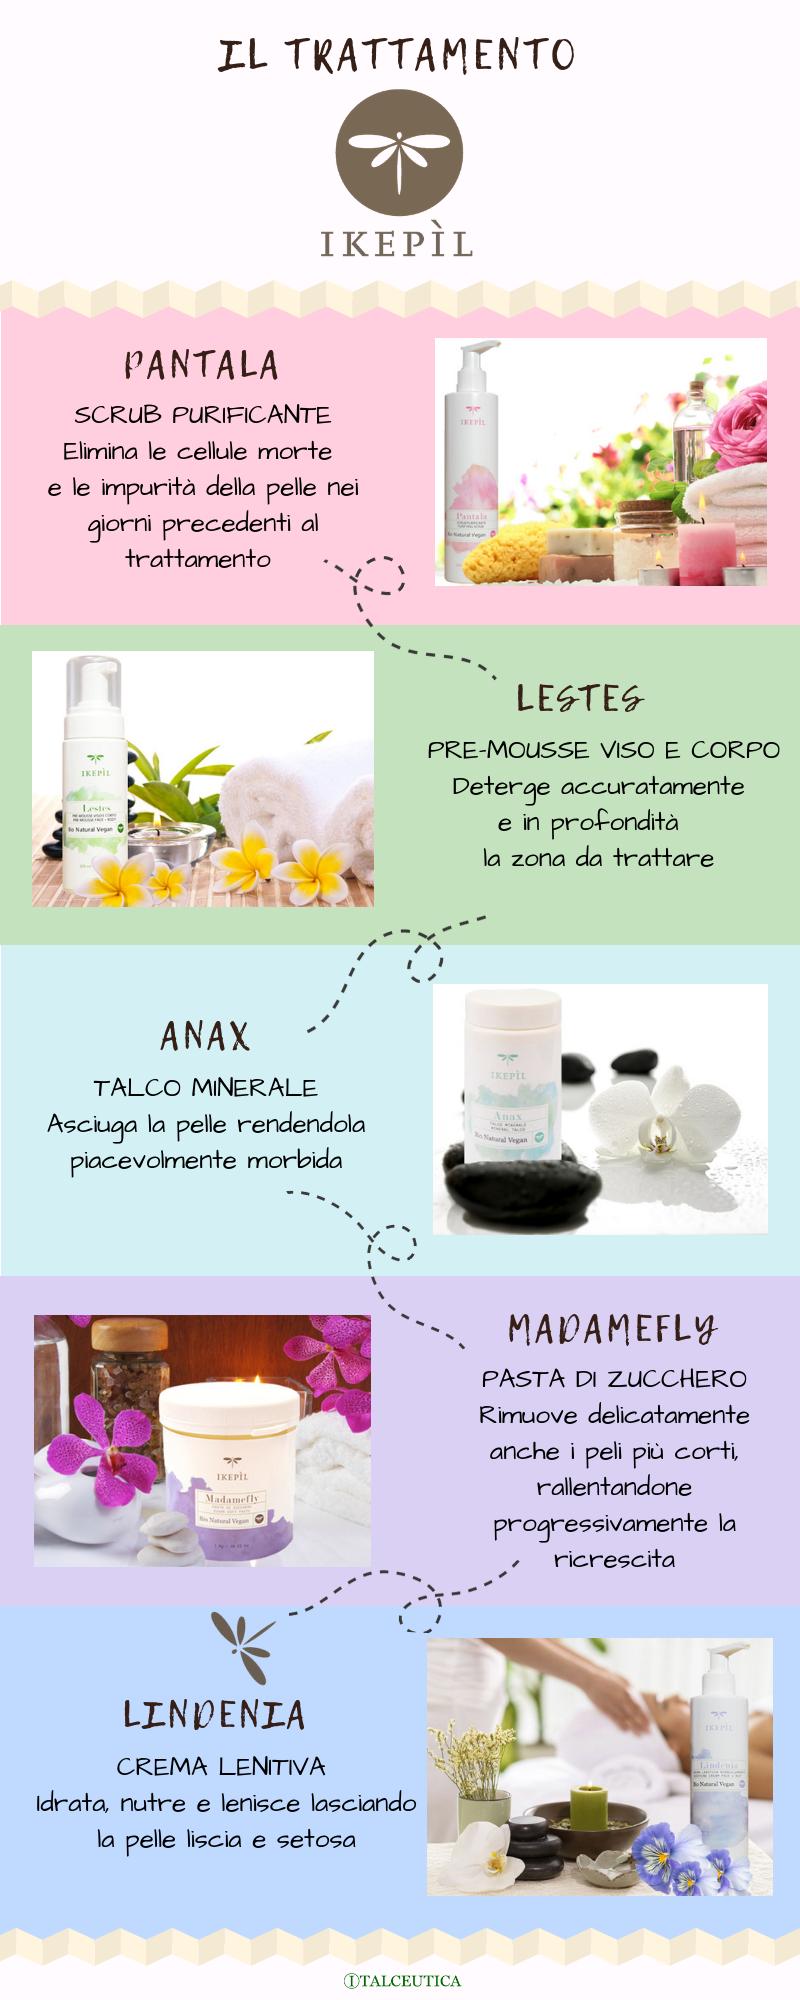 infografica-trattamento-ikepil